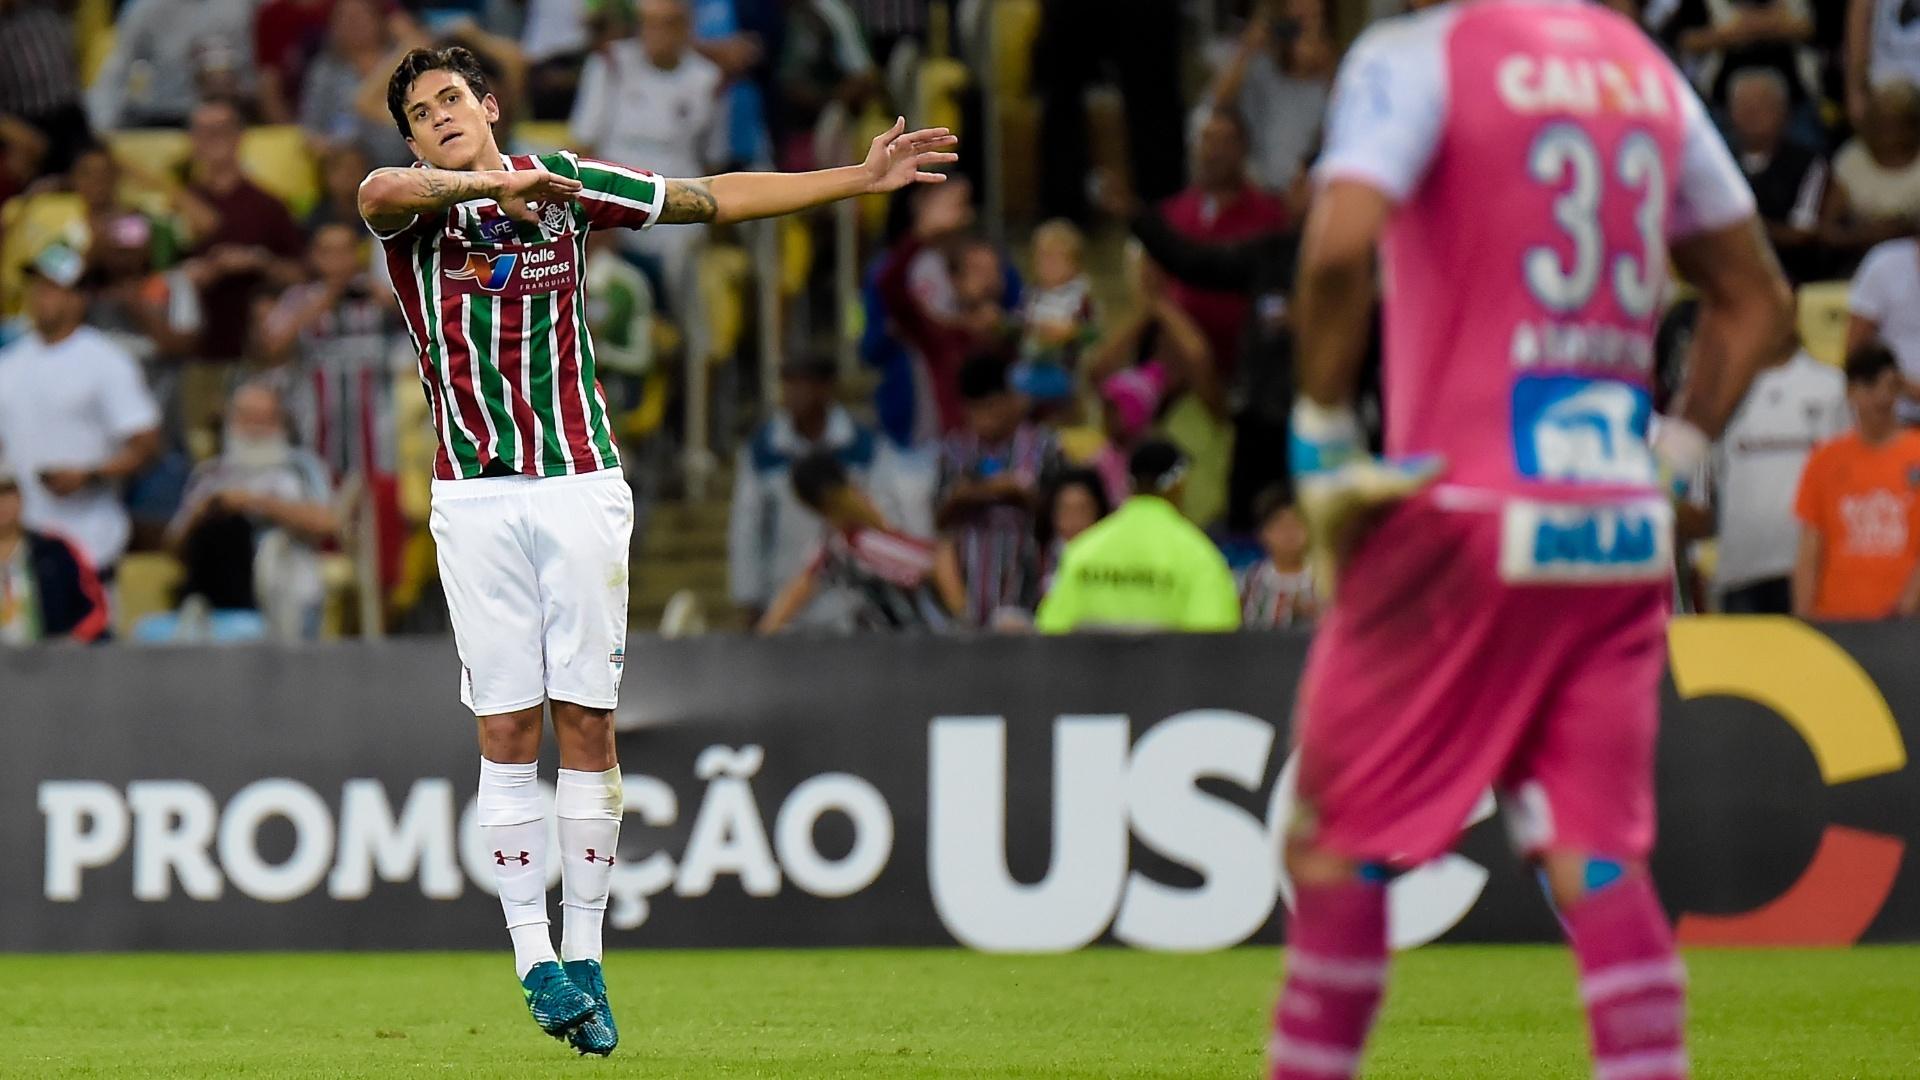 Pedro comemora gol do Fluminense contra o Bahia